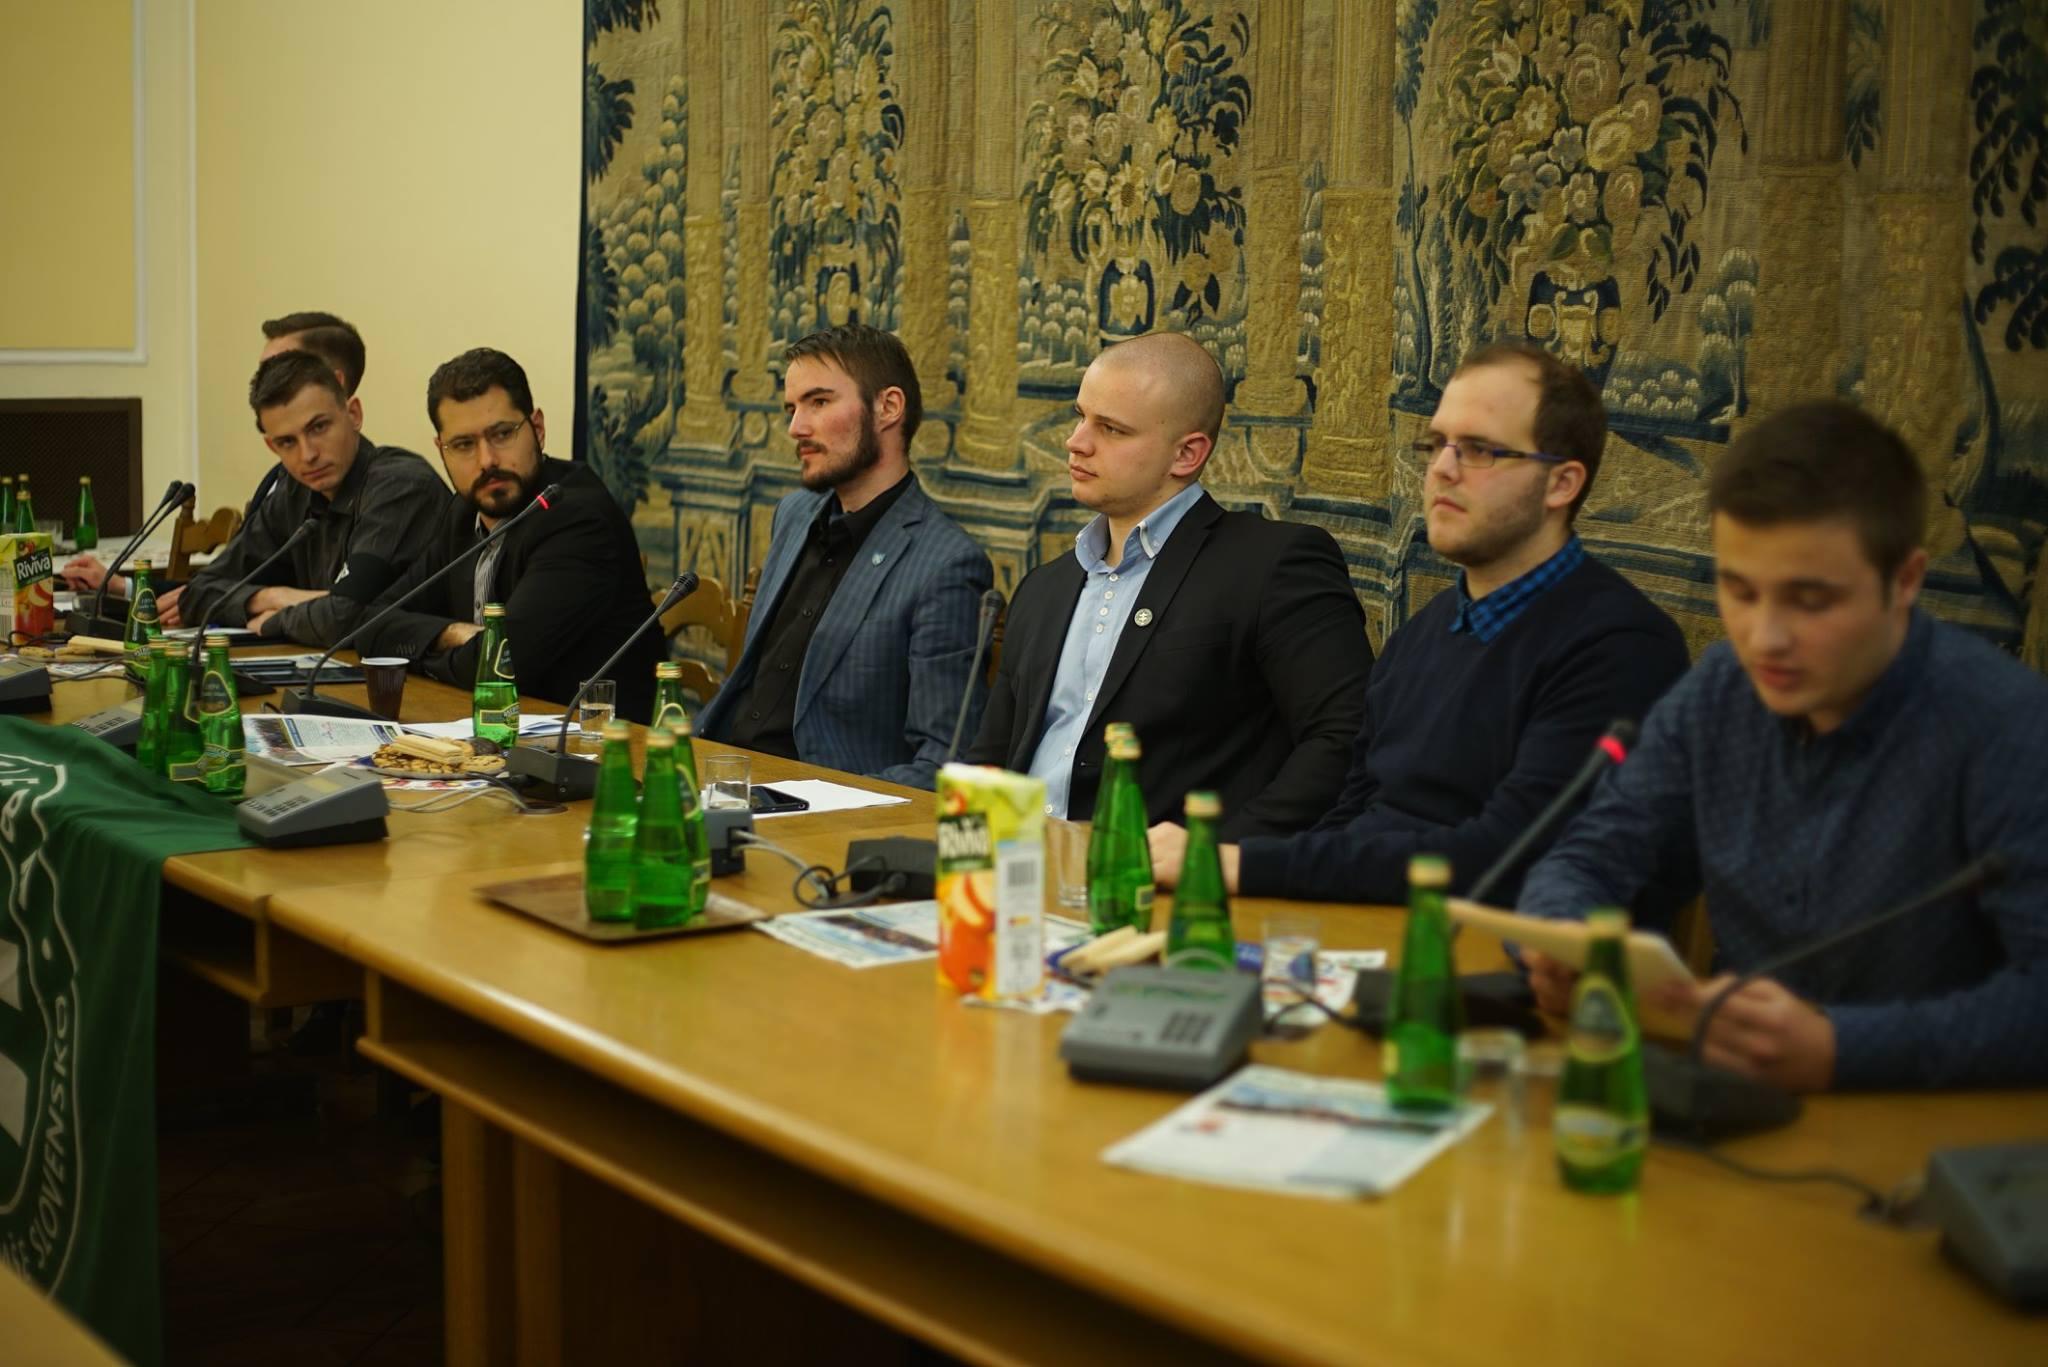 Kaalep nõudis Euroopa rahvuslaste tippkohtumisel šovinismist loobumist